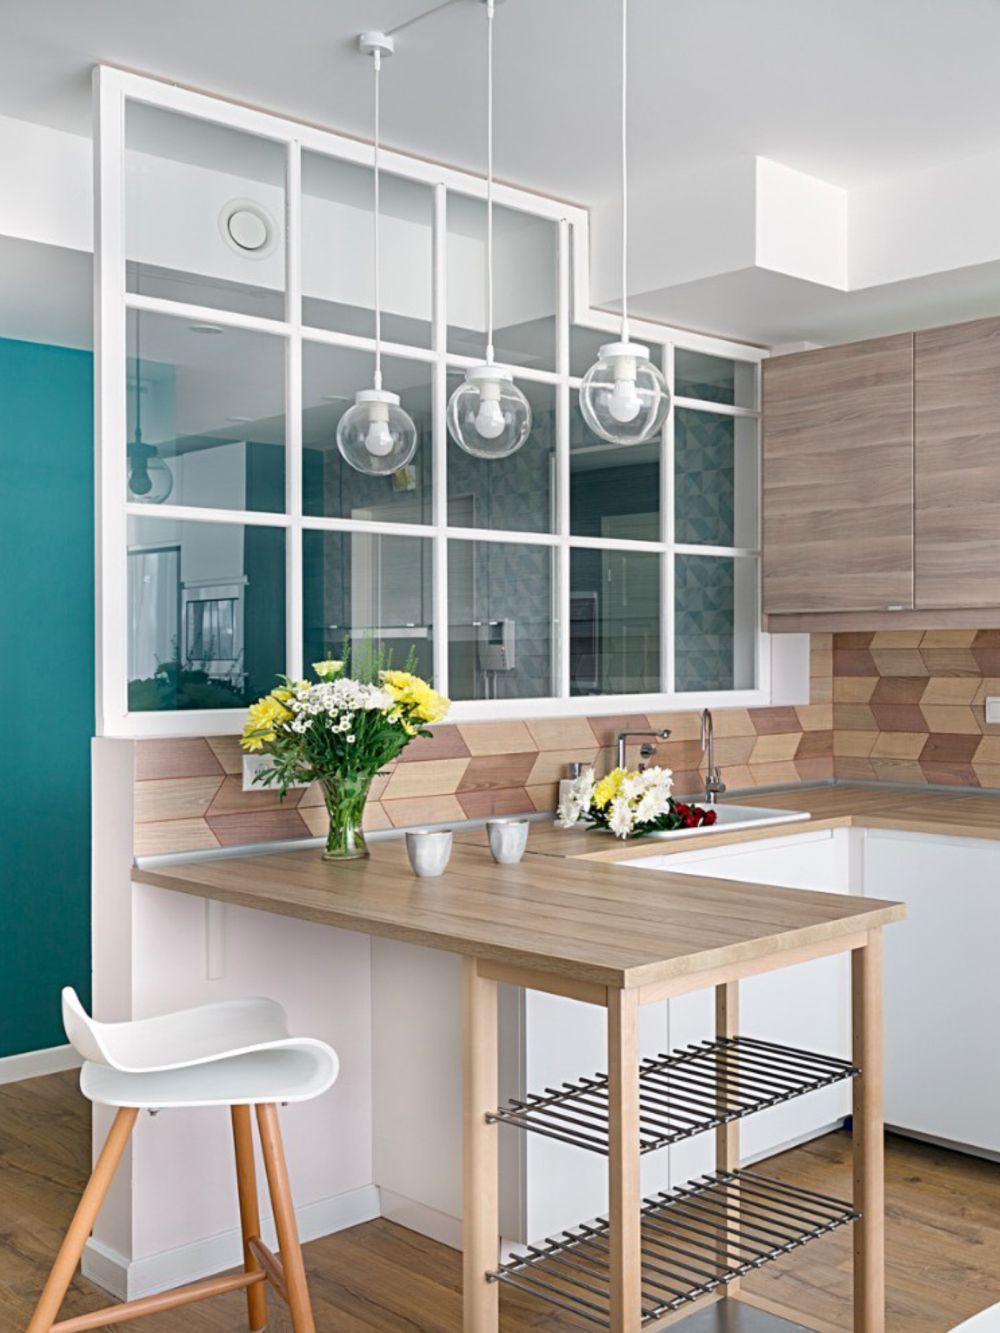 Spațiile în prima parte a locuinței au fost deschise, inclusiv către hol, dar o separare s-a simțit necesară. Astfel, între bucătărie și holul de la intrare există un paravan fix cu panouri de sticlă ce delimitează funcțiunile.